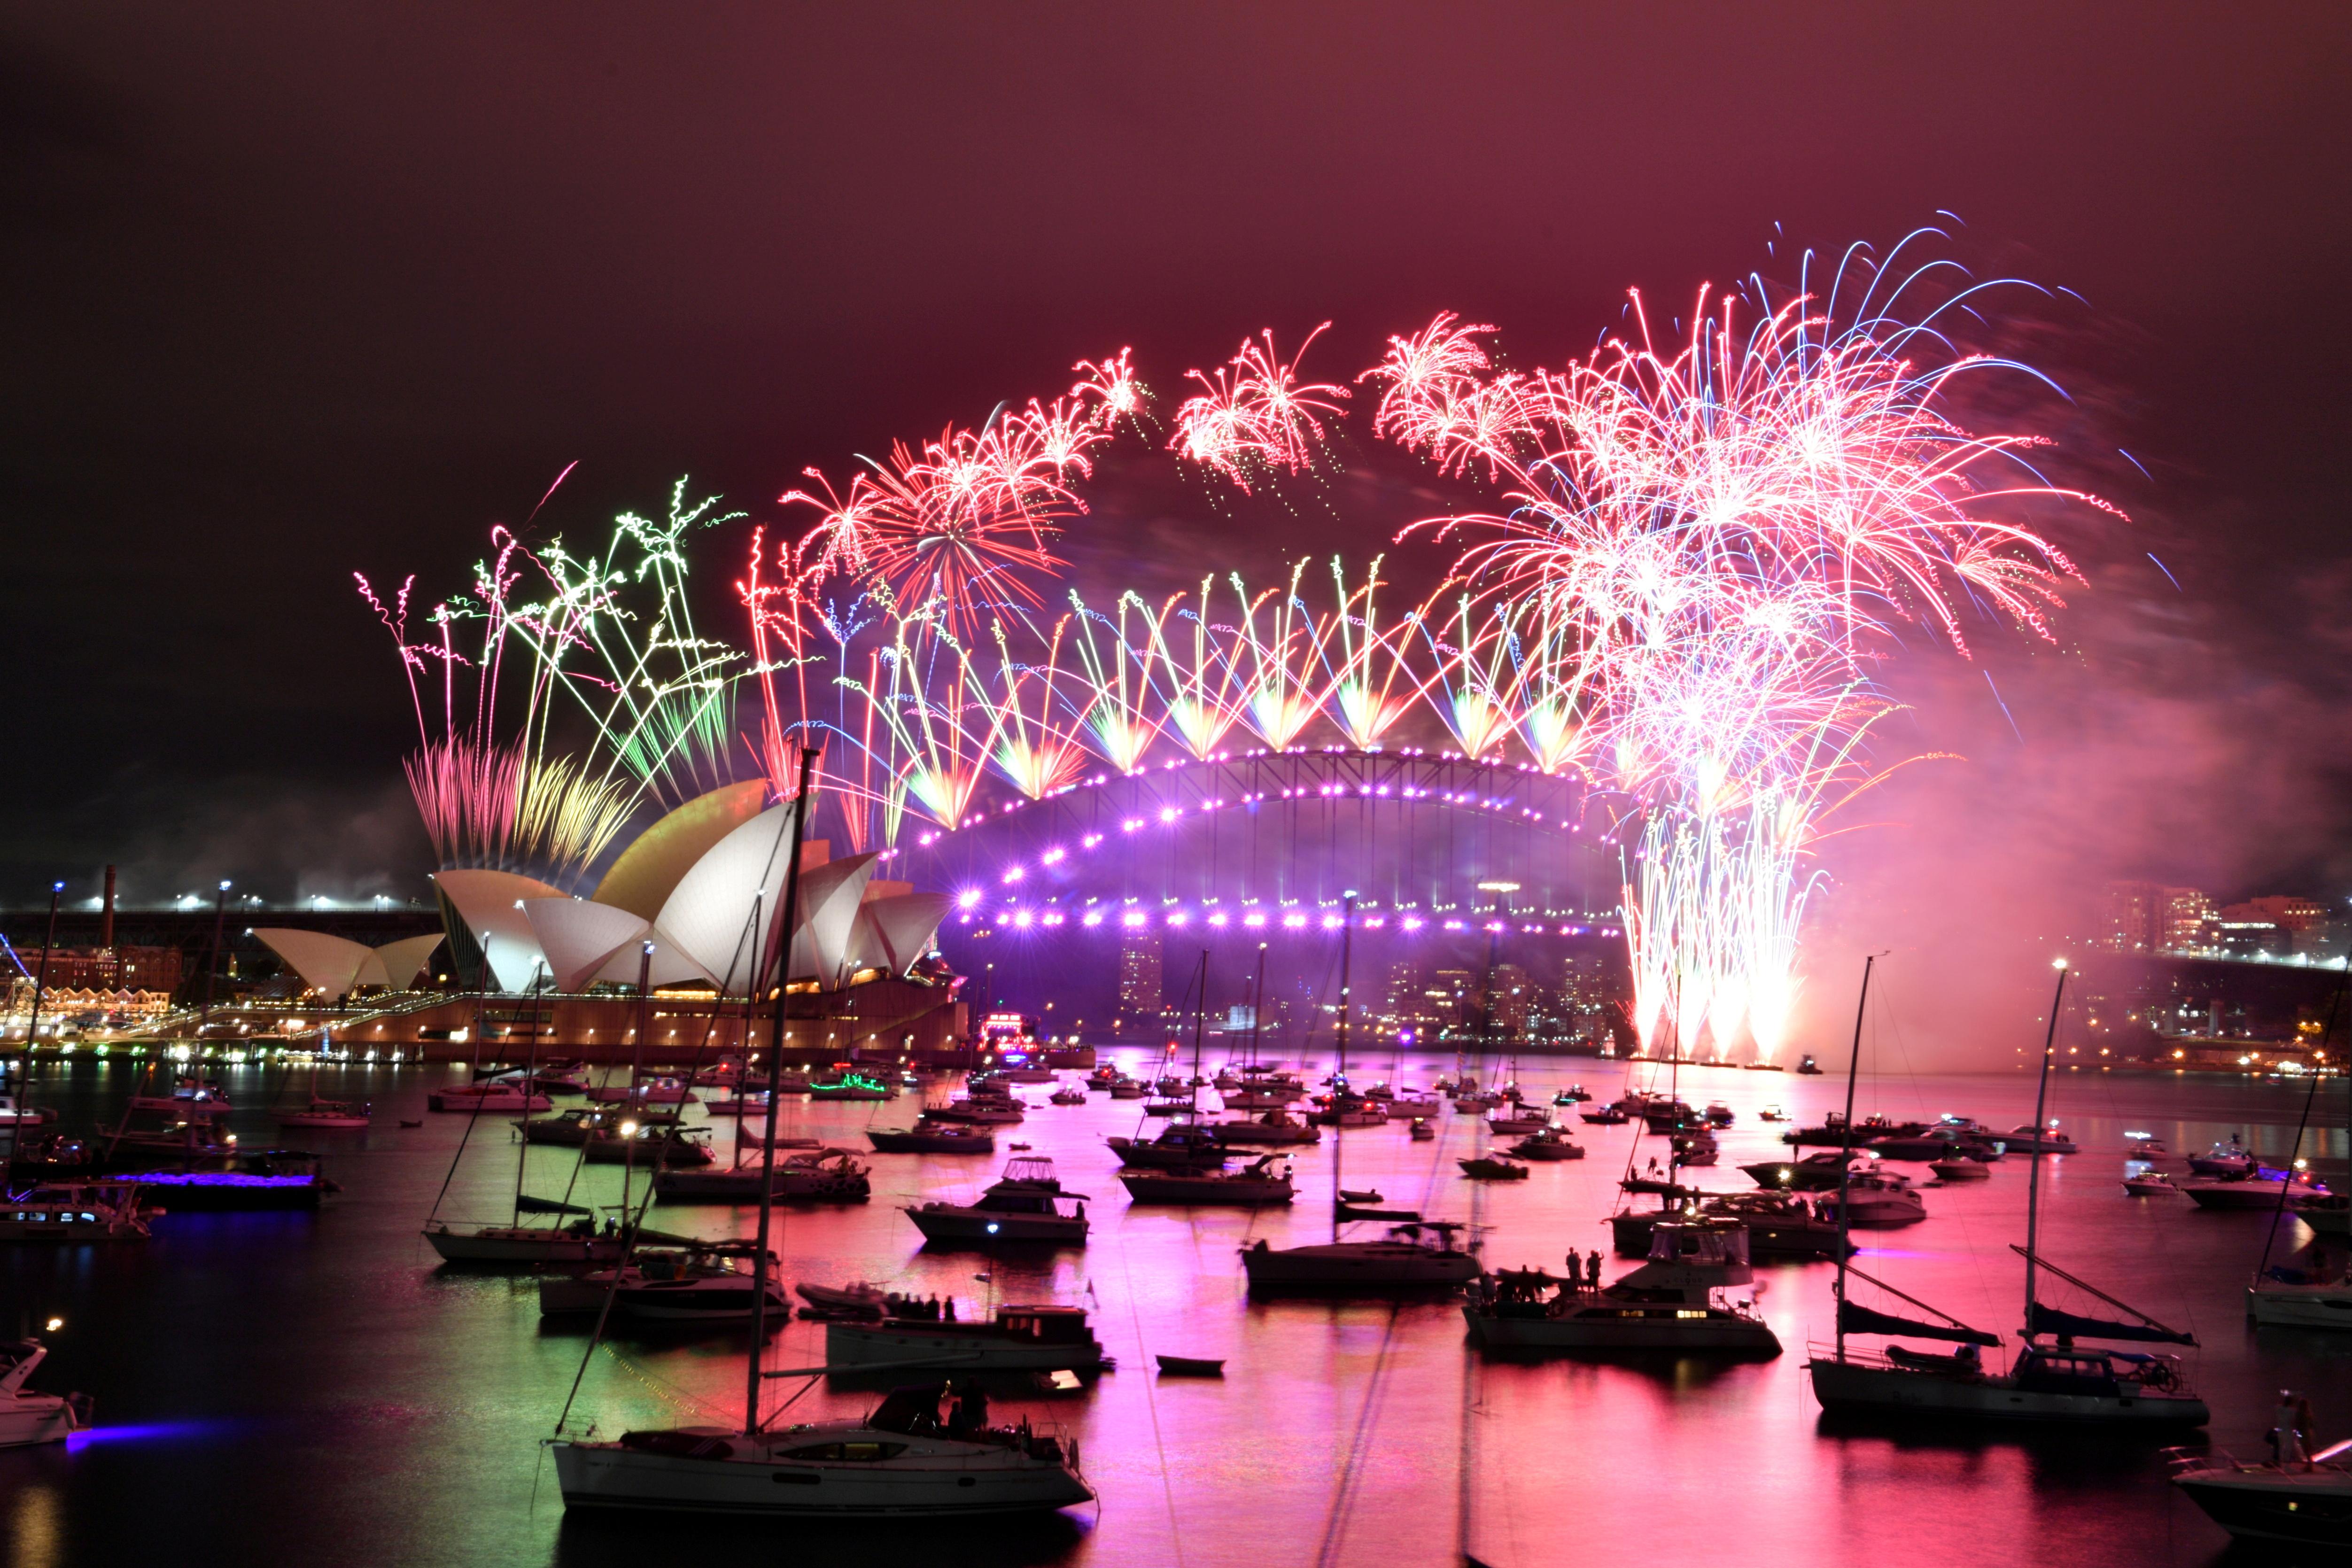 तस्वीर सिडनी के ओपेरा हाउस और हार्बर ब्रिज की है। यहां नए साल के स्वागत में होने वाला जश्न पूरी दुनिया में मशहूर है।